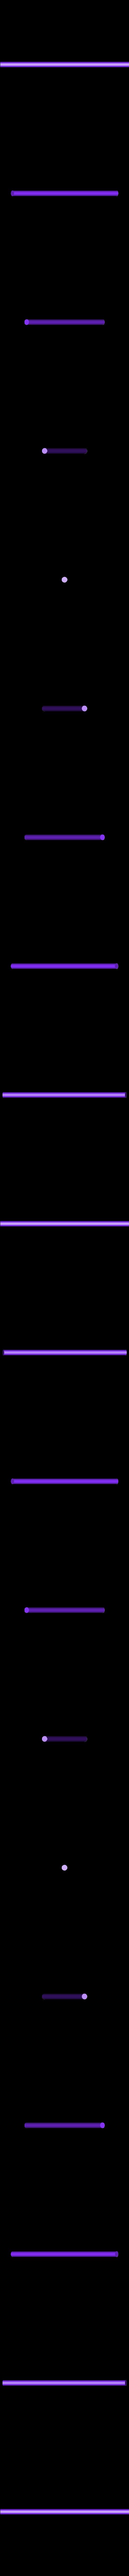 pStick.stl Télécharger fichier STL gratuit Mini table de billard • Plan pour impression 3D, Vilereth